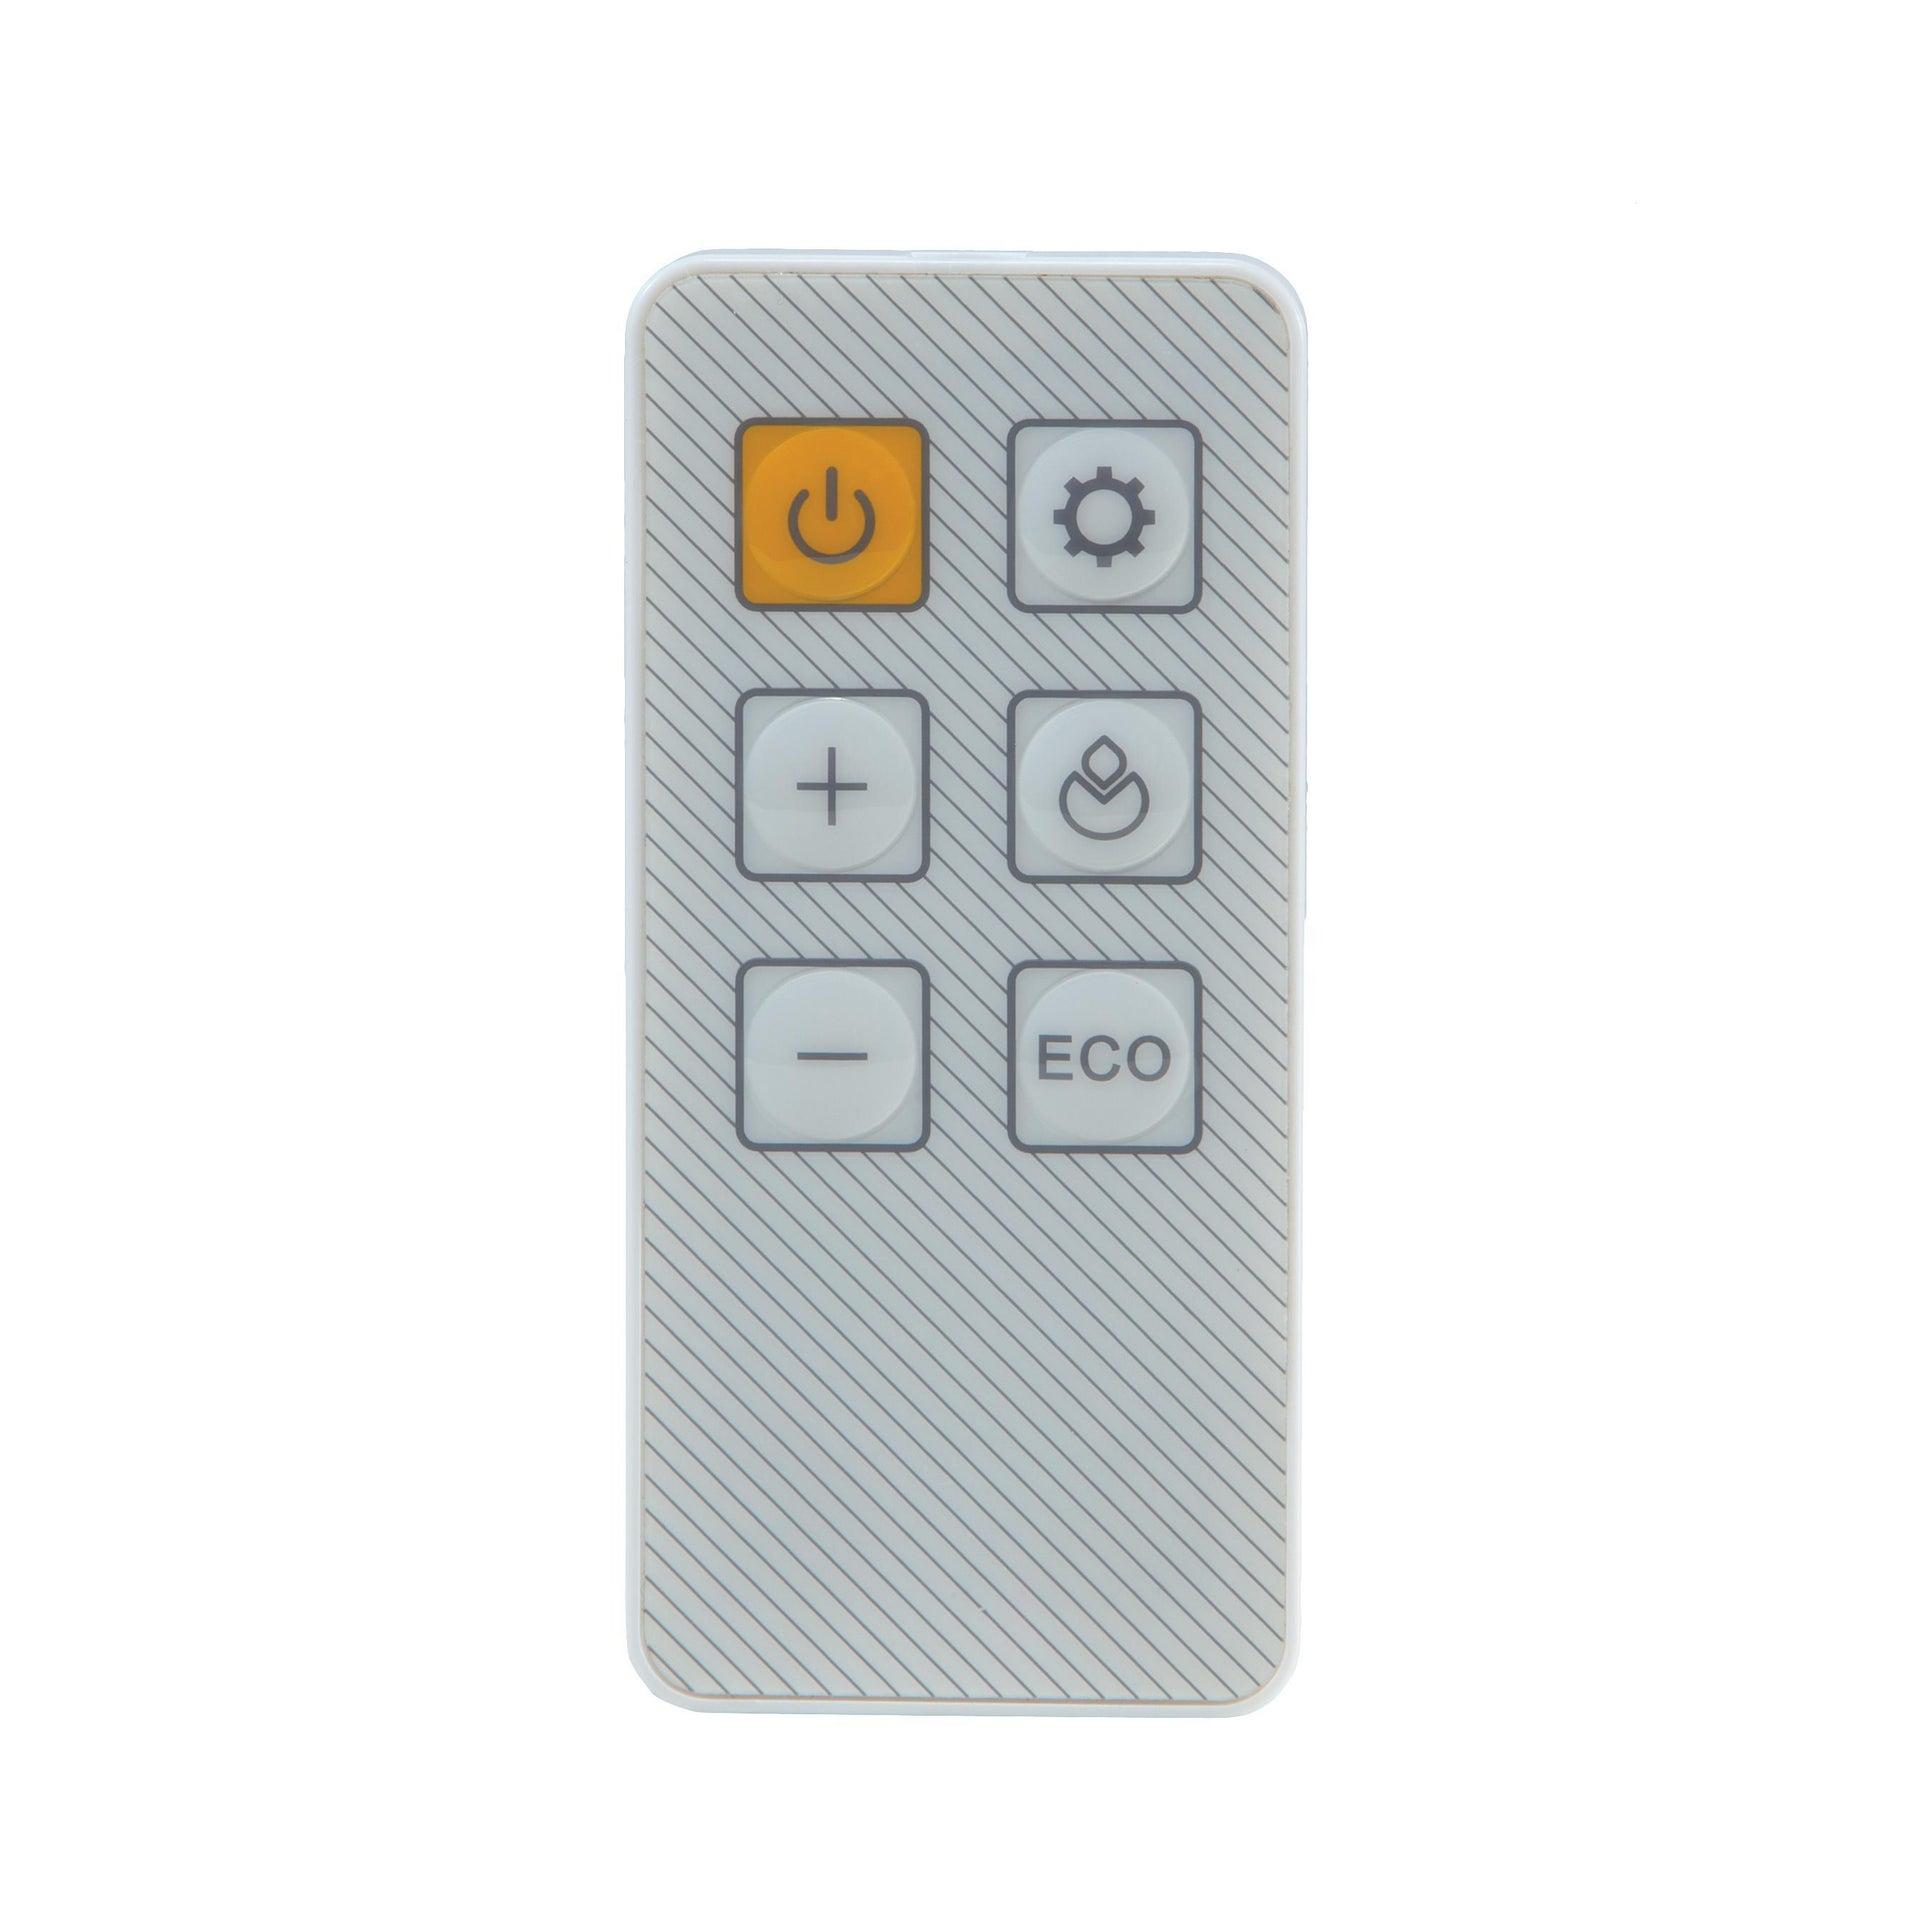 Termoventilatore ceramico mobile EQUATION bianco 2500 W - 3